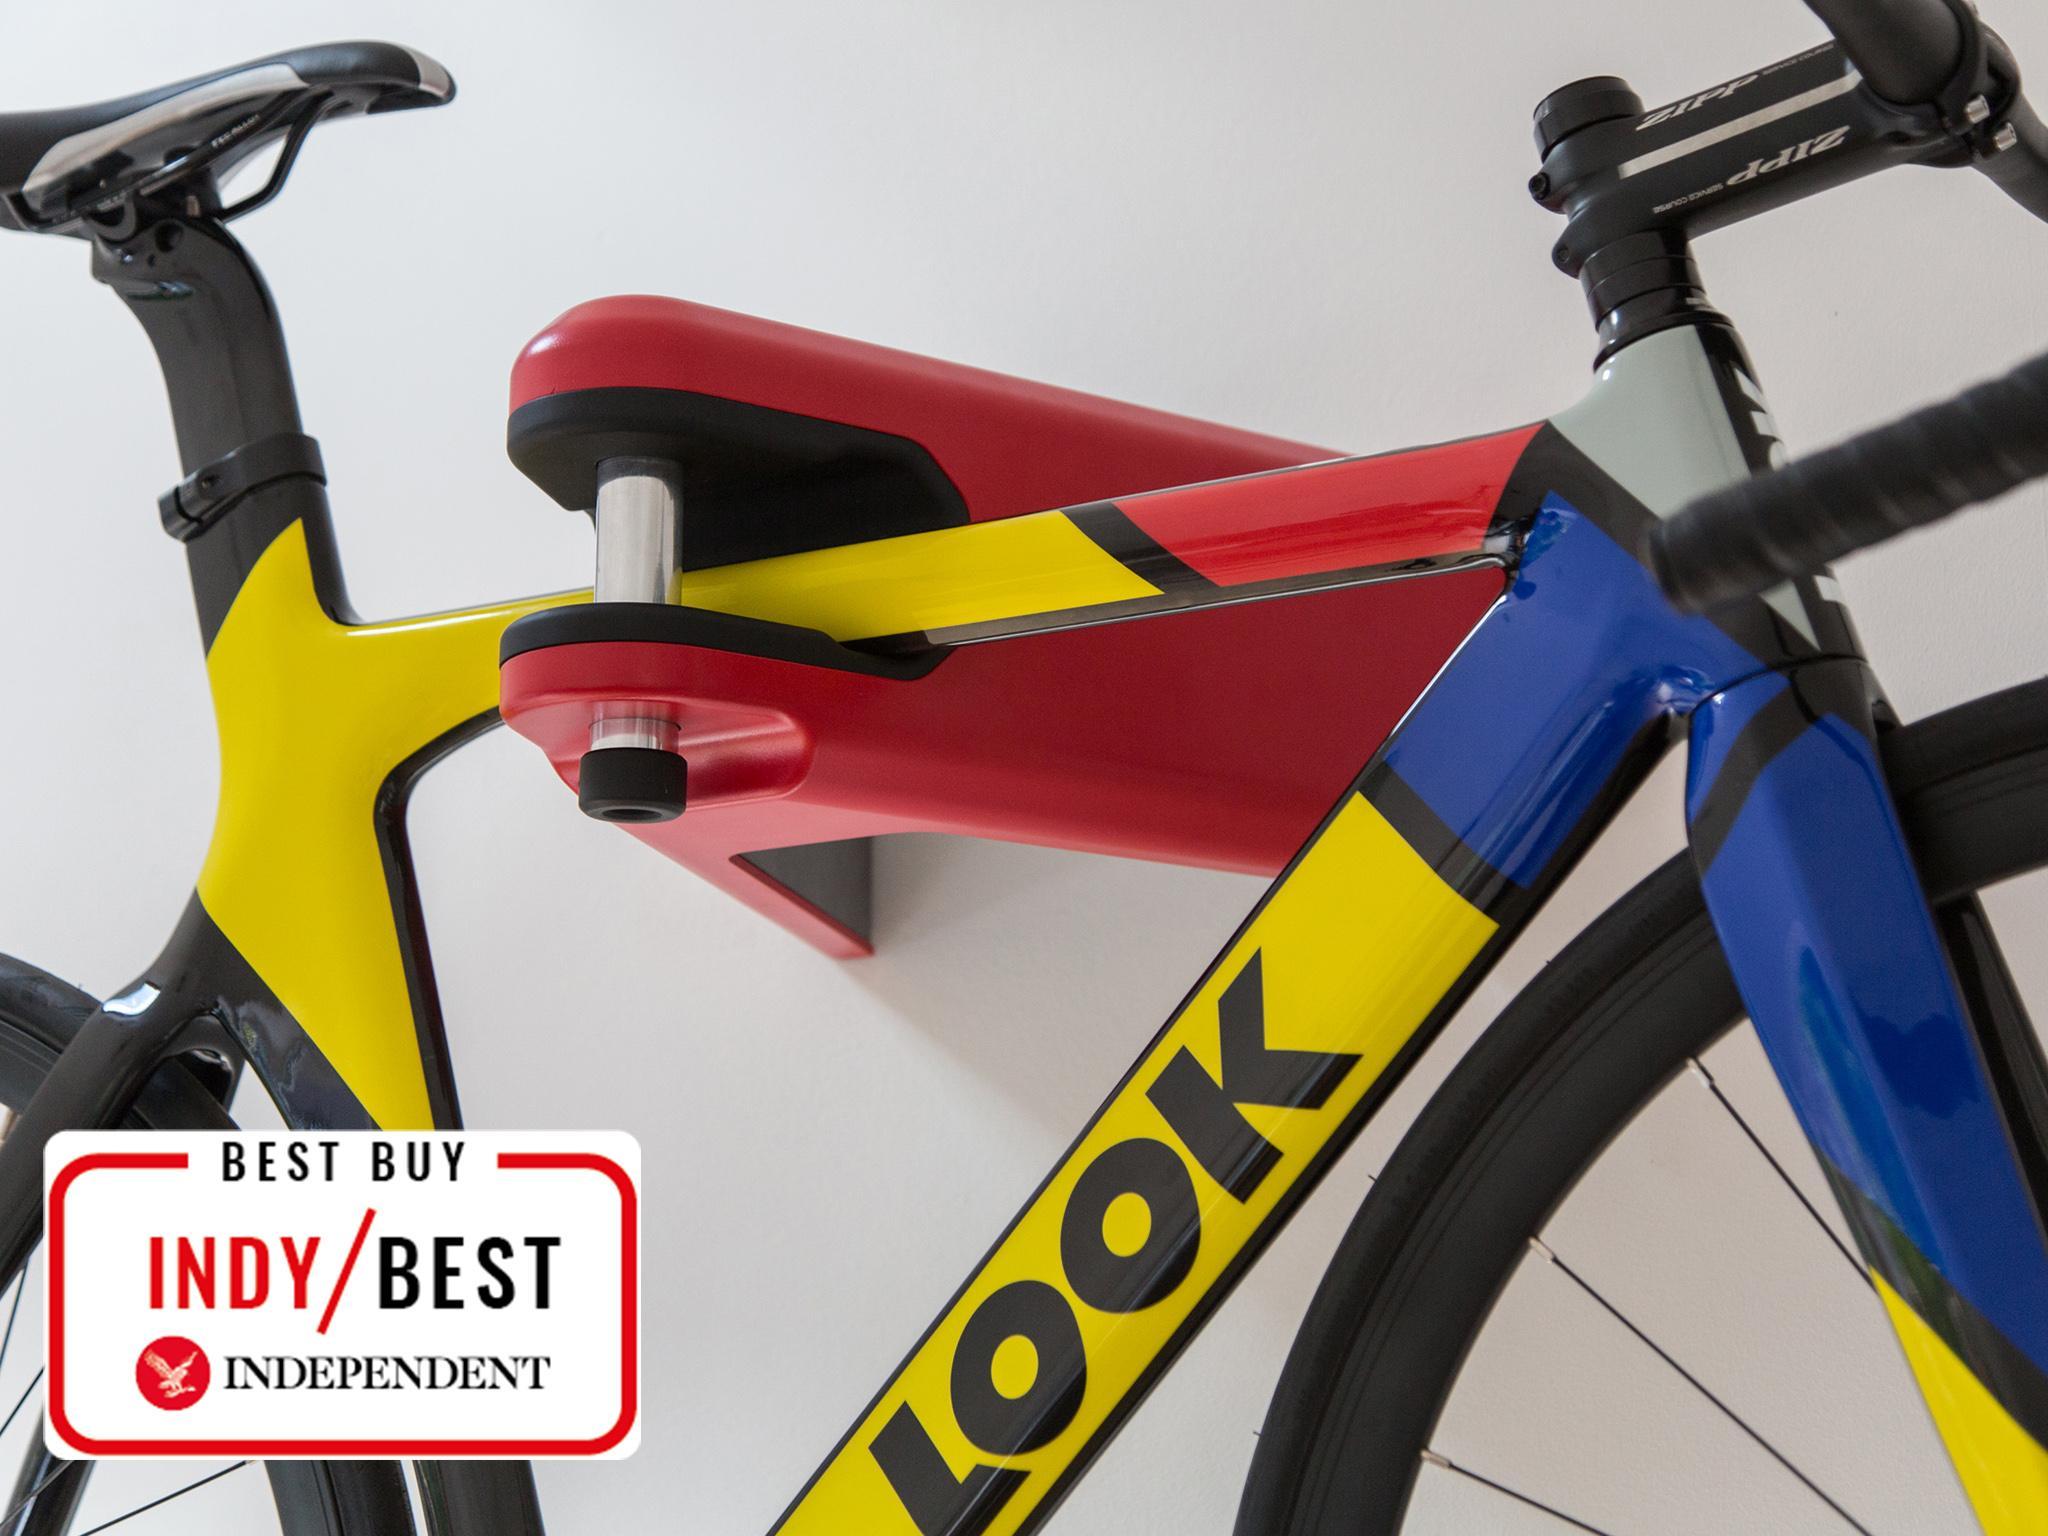 Bike stylish accessories uk